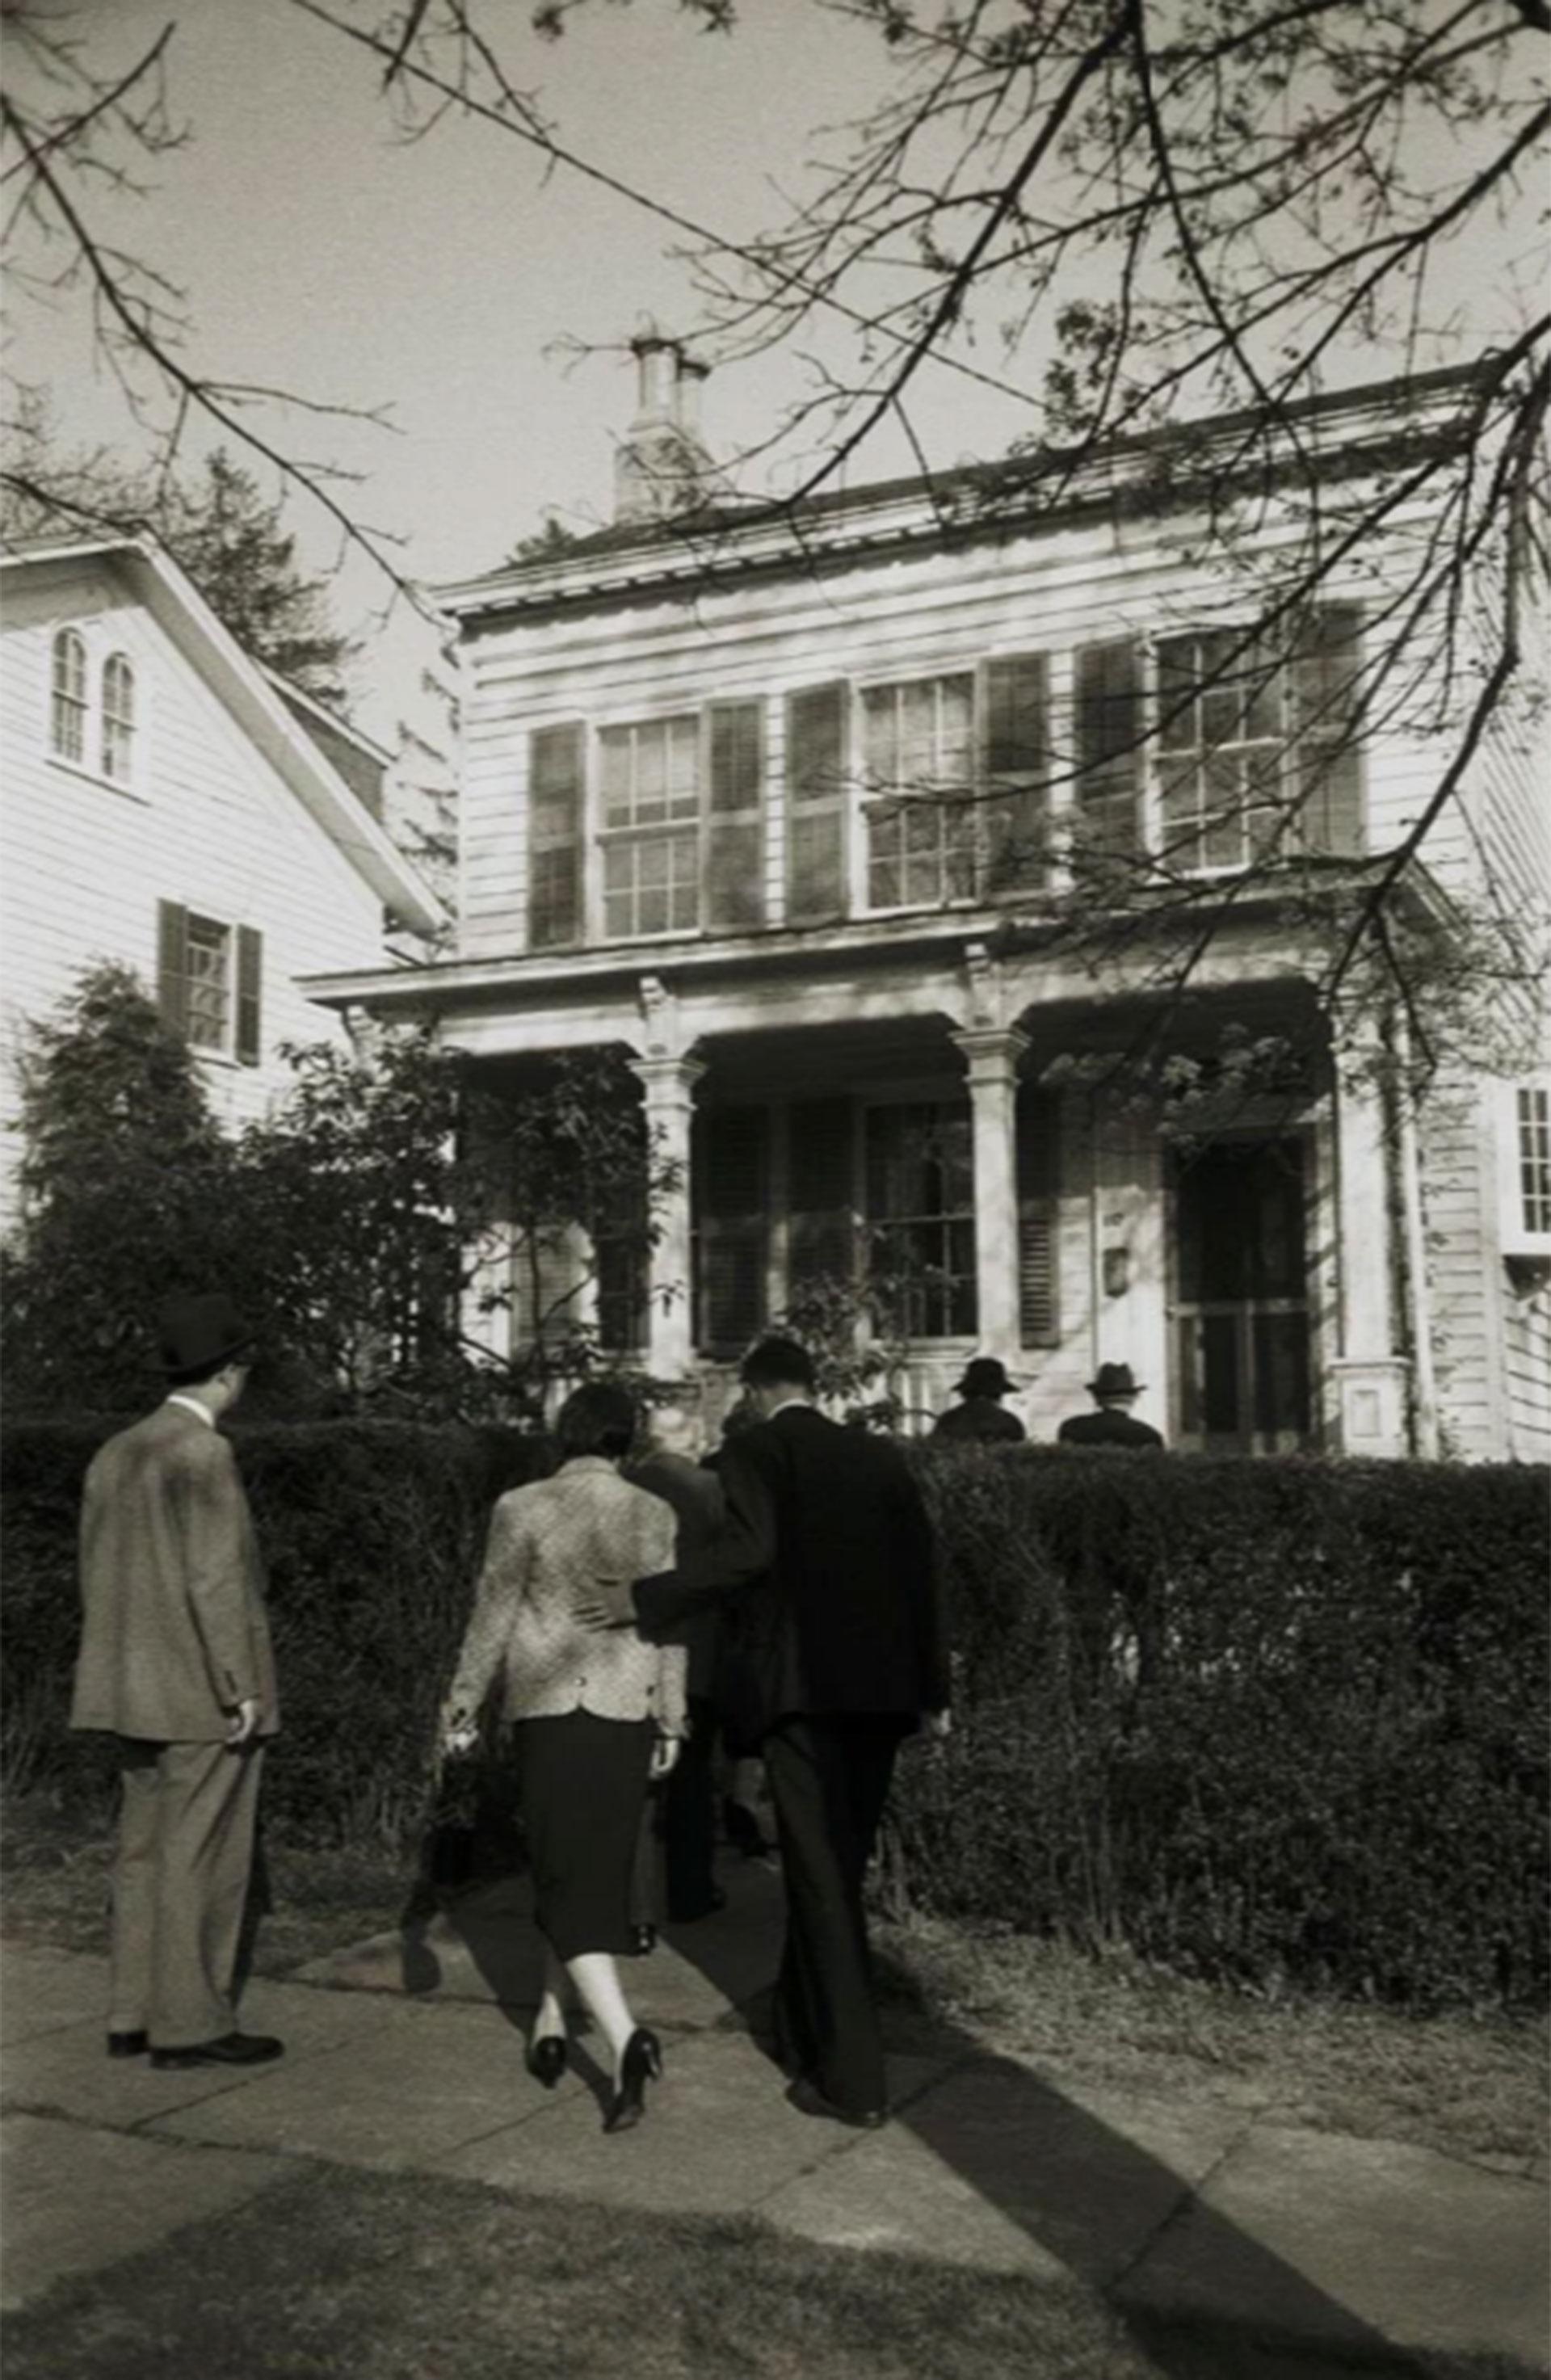 La familia y amigos de Albert Einstein ingresan a la vivienda donde el físico alemán viviera durante 20 años en Princeton (Ralph Morse – Life Magazine – Getty)